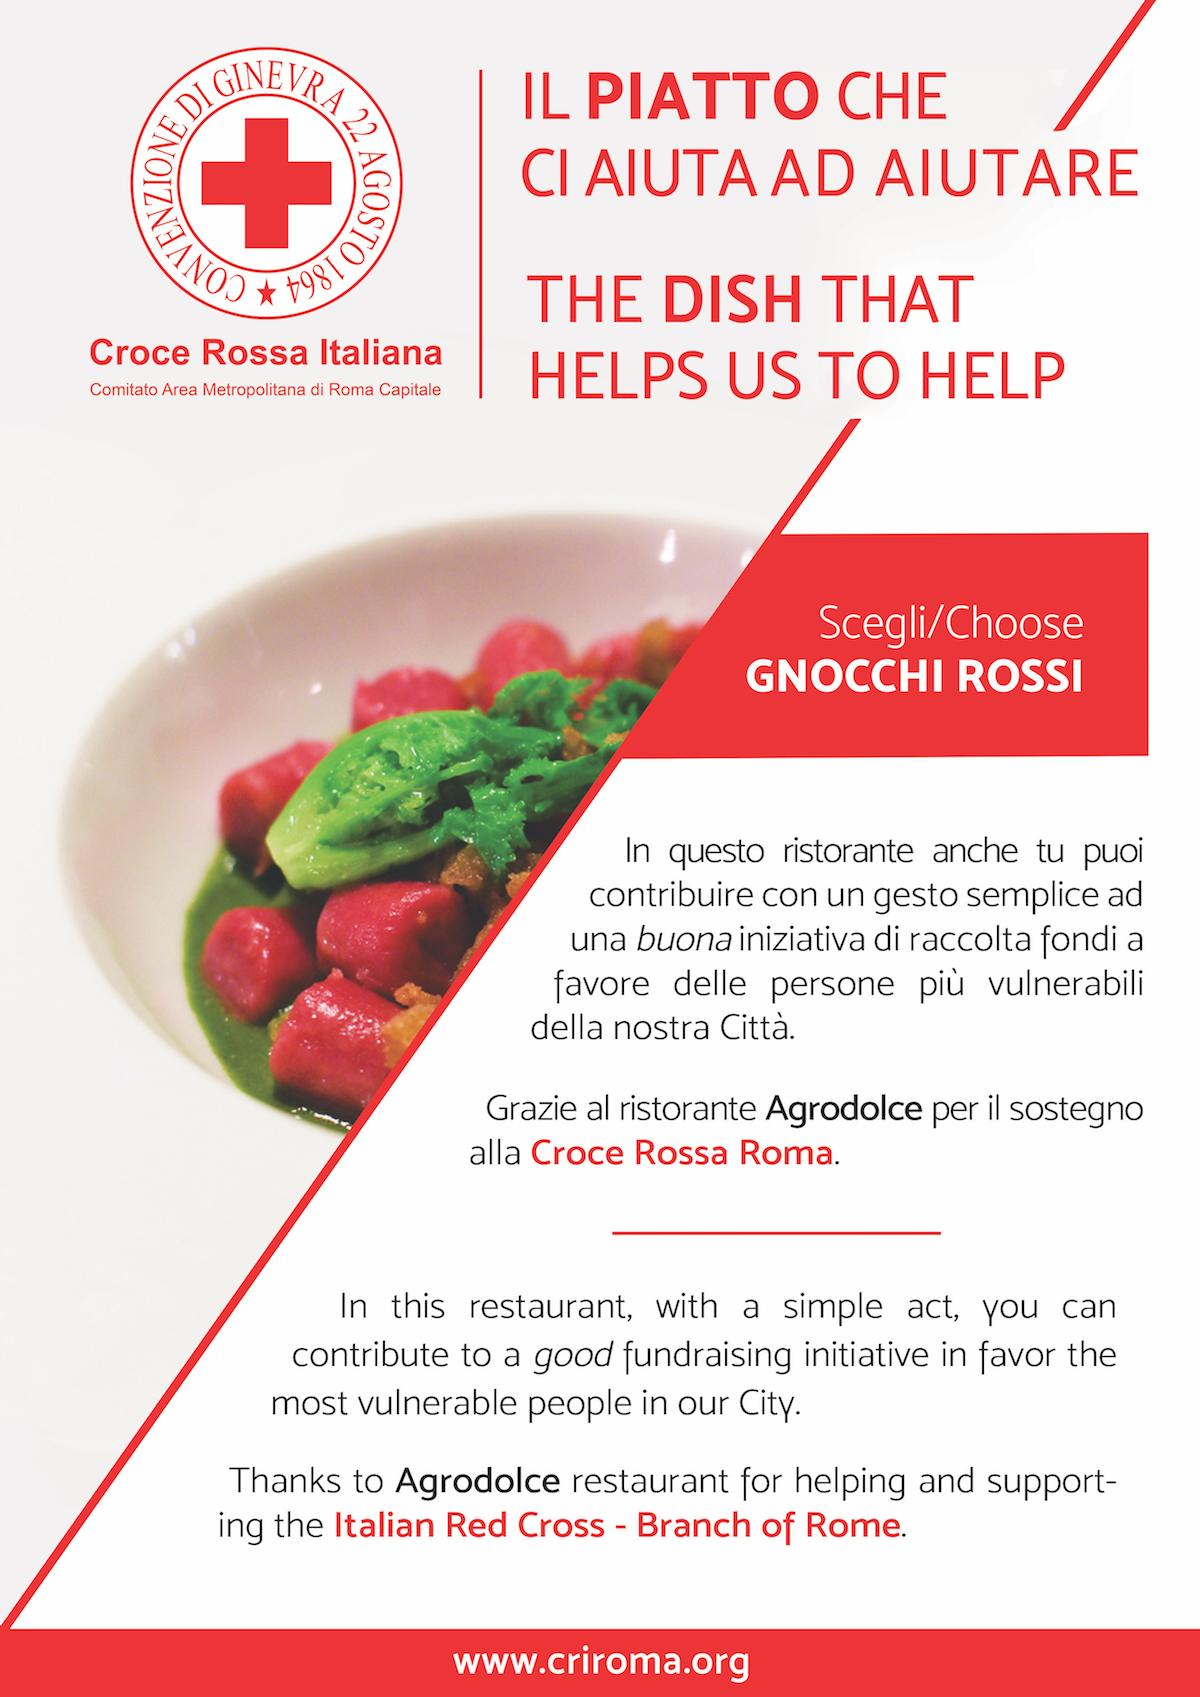 CRI-Roma-Ristorante-Agrodolce-Locandina-A4-Bozza-2